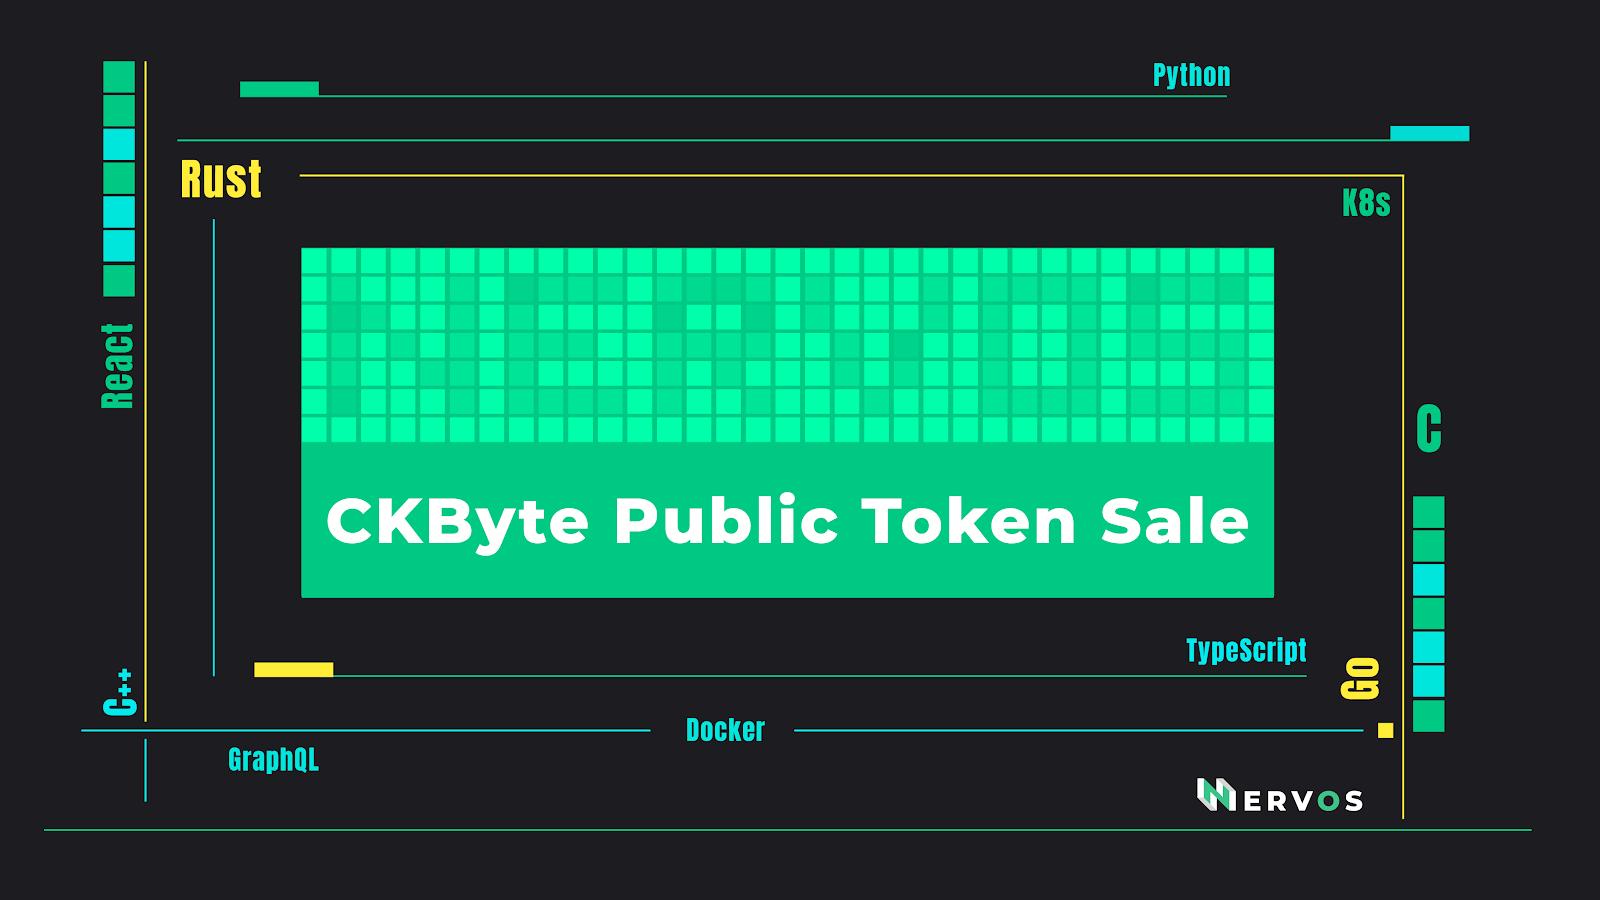 giá bitcoin: Cập nhật: Thông tin đợt mở bán của token Nervos CKByte